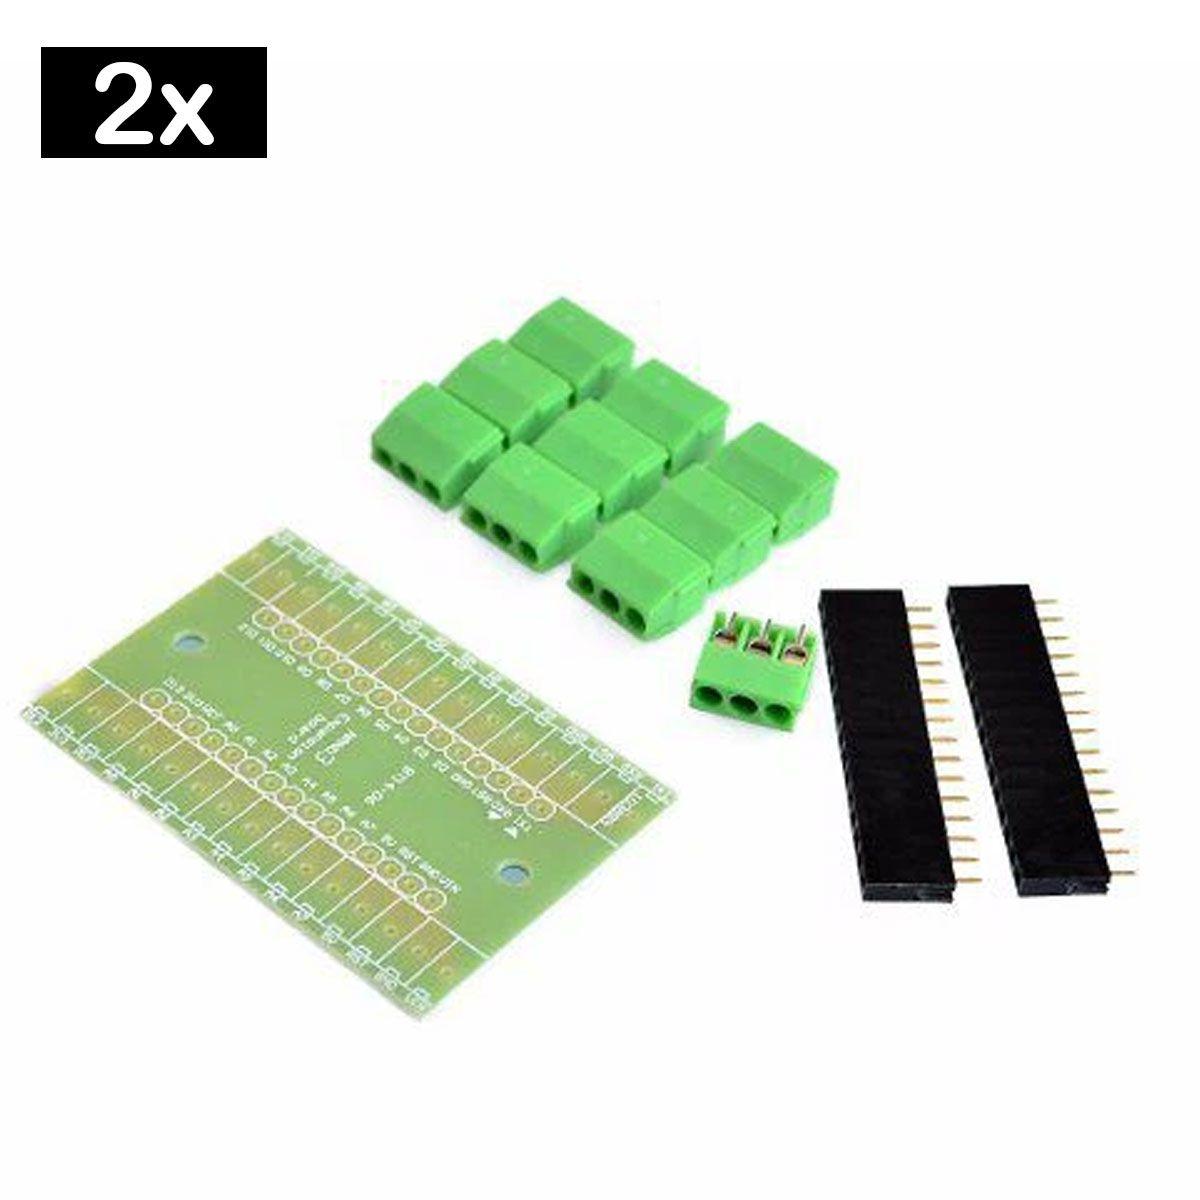 2x Placa Borne Terminal Adaptador Compatível com Arduino Nano